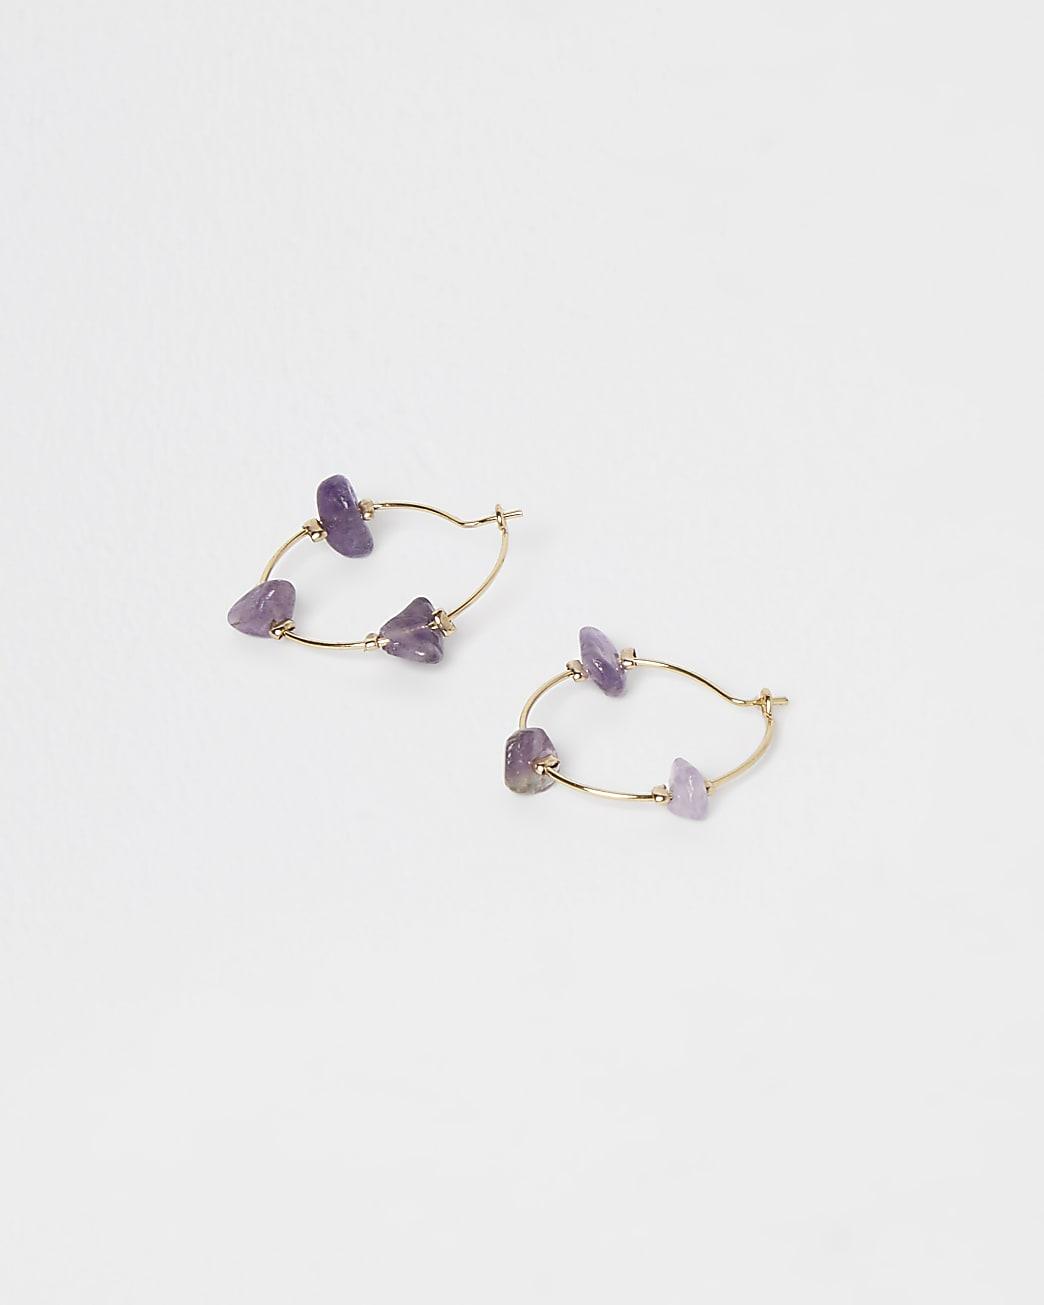 Blue amethyst hoop earrings